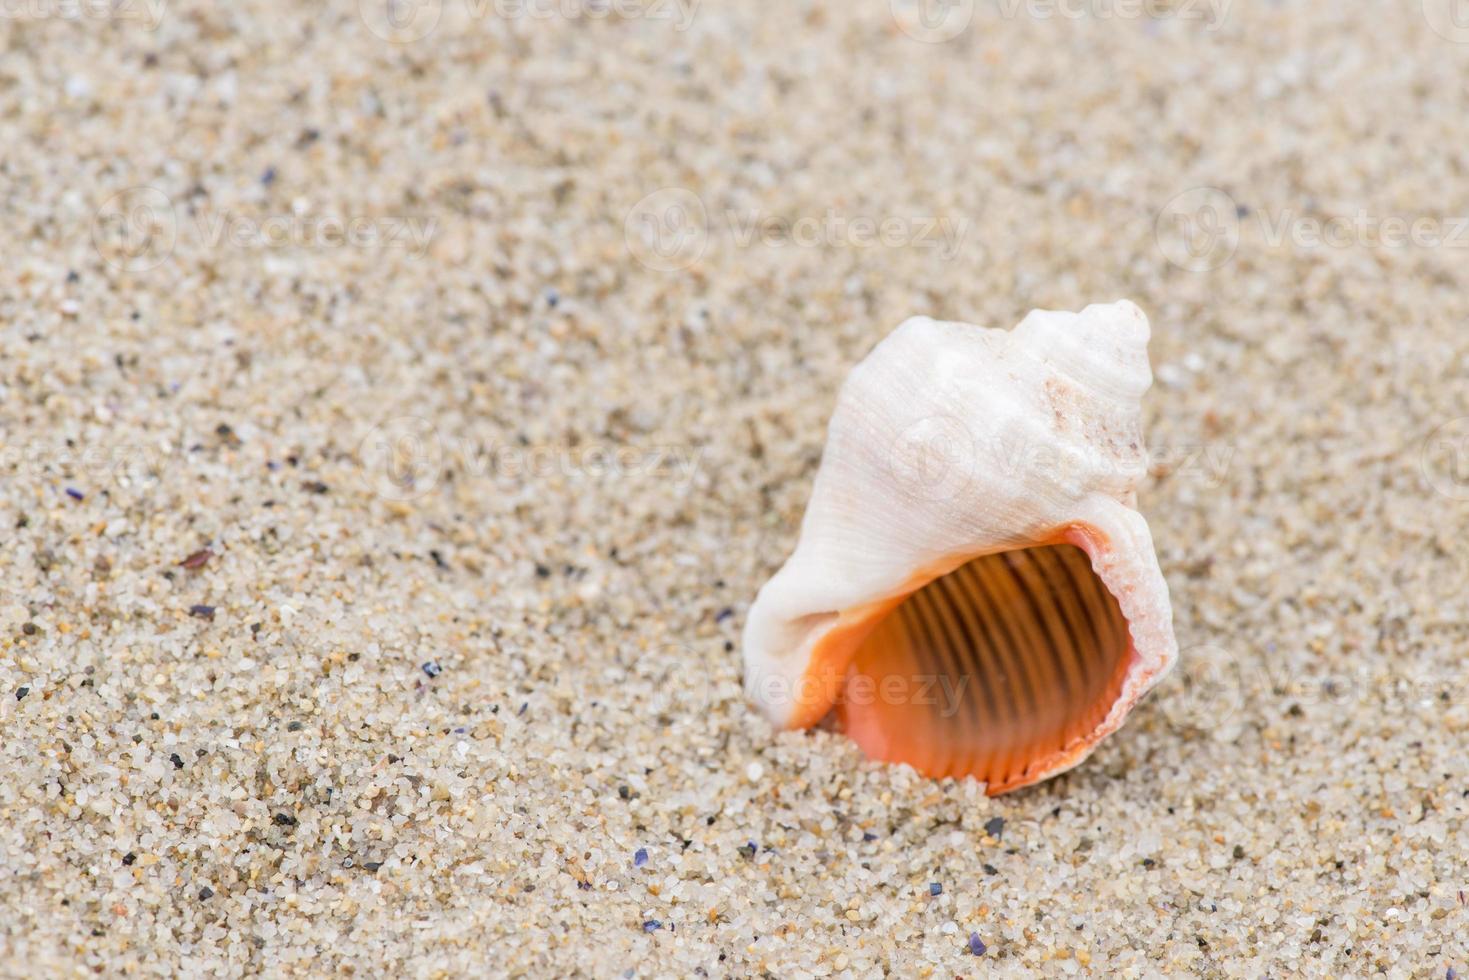 coquille sur la plage - copie espace photo